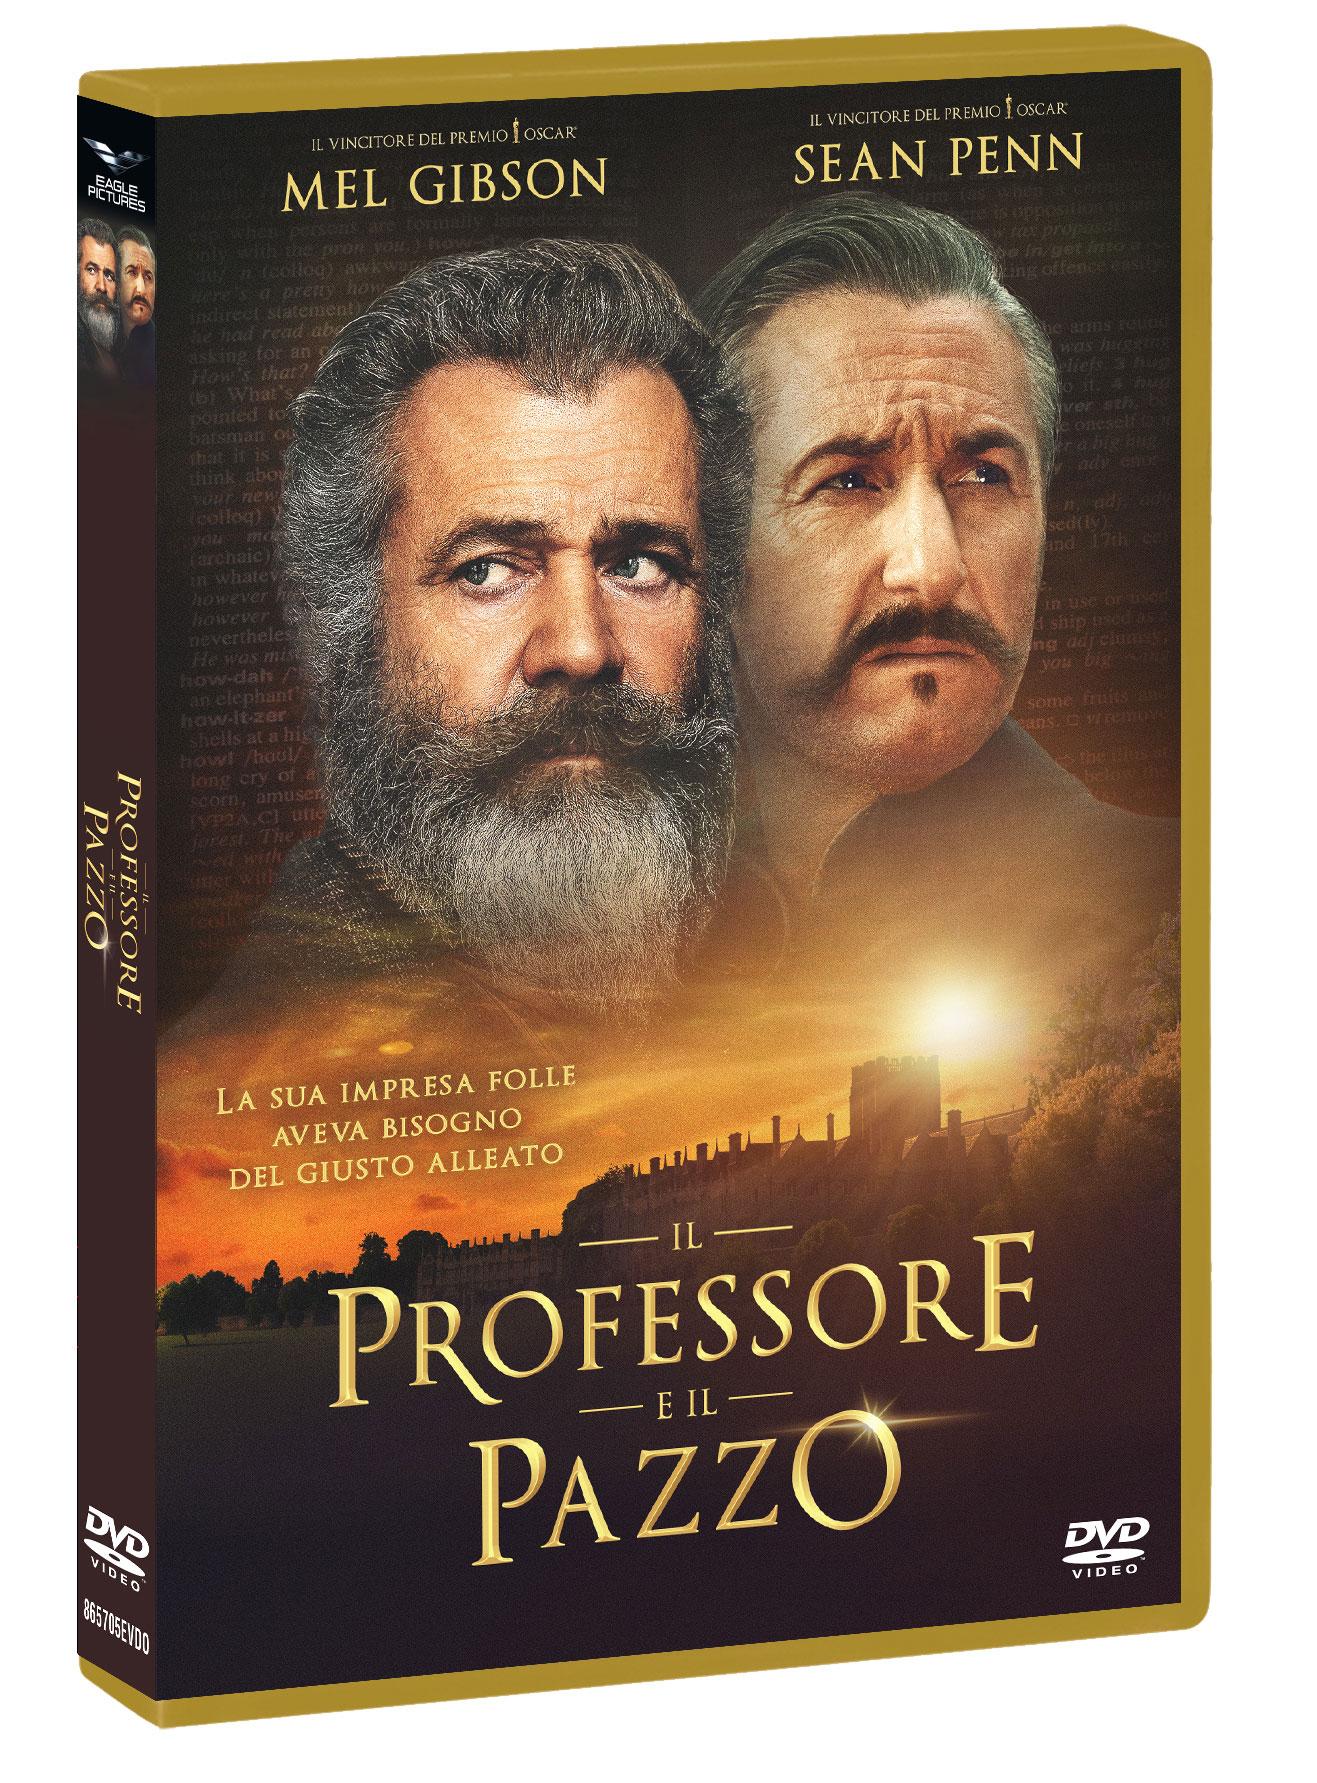 IL PROFESSORE E IL PAZZO (DVD)